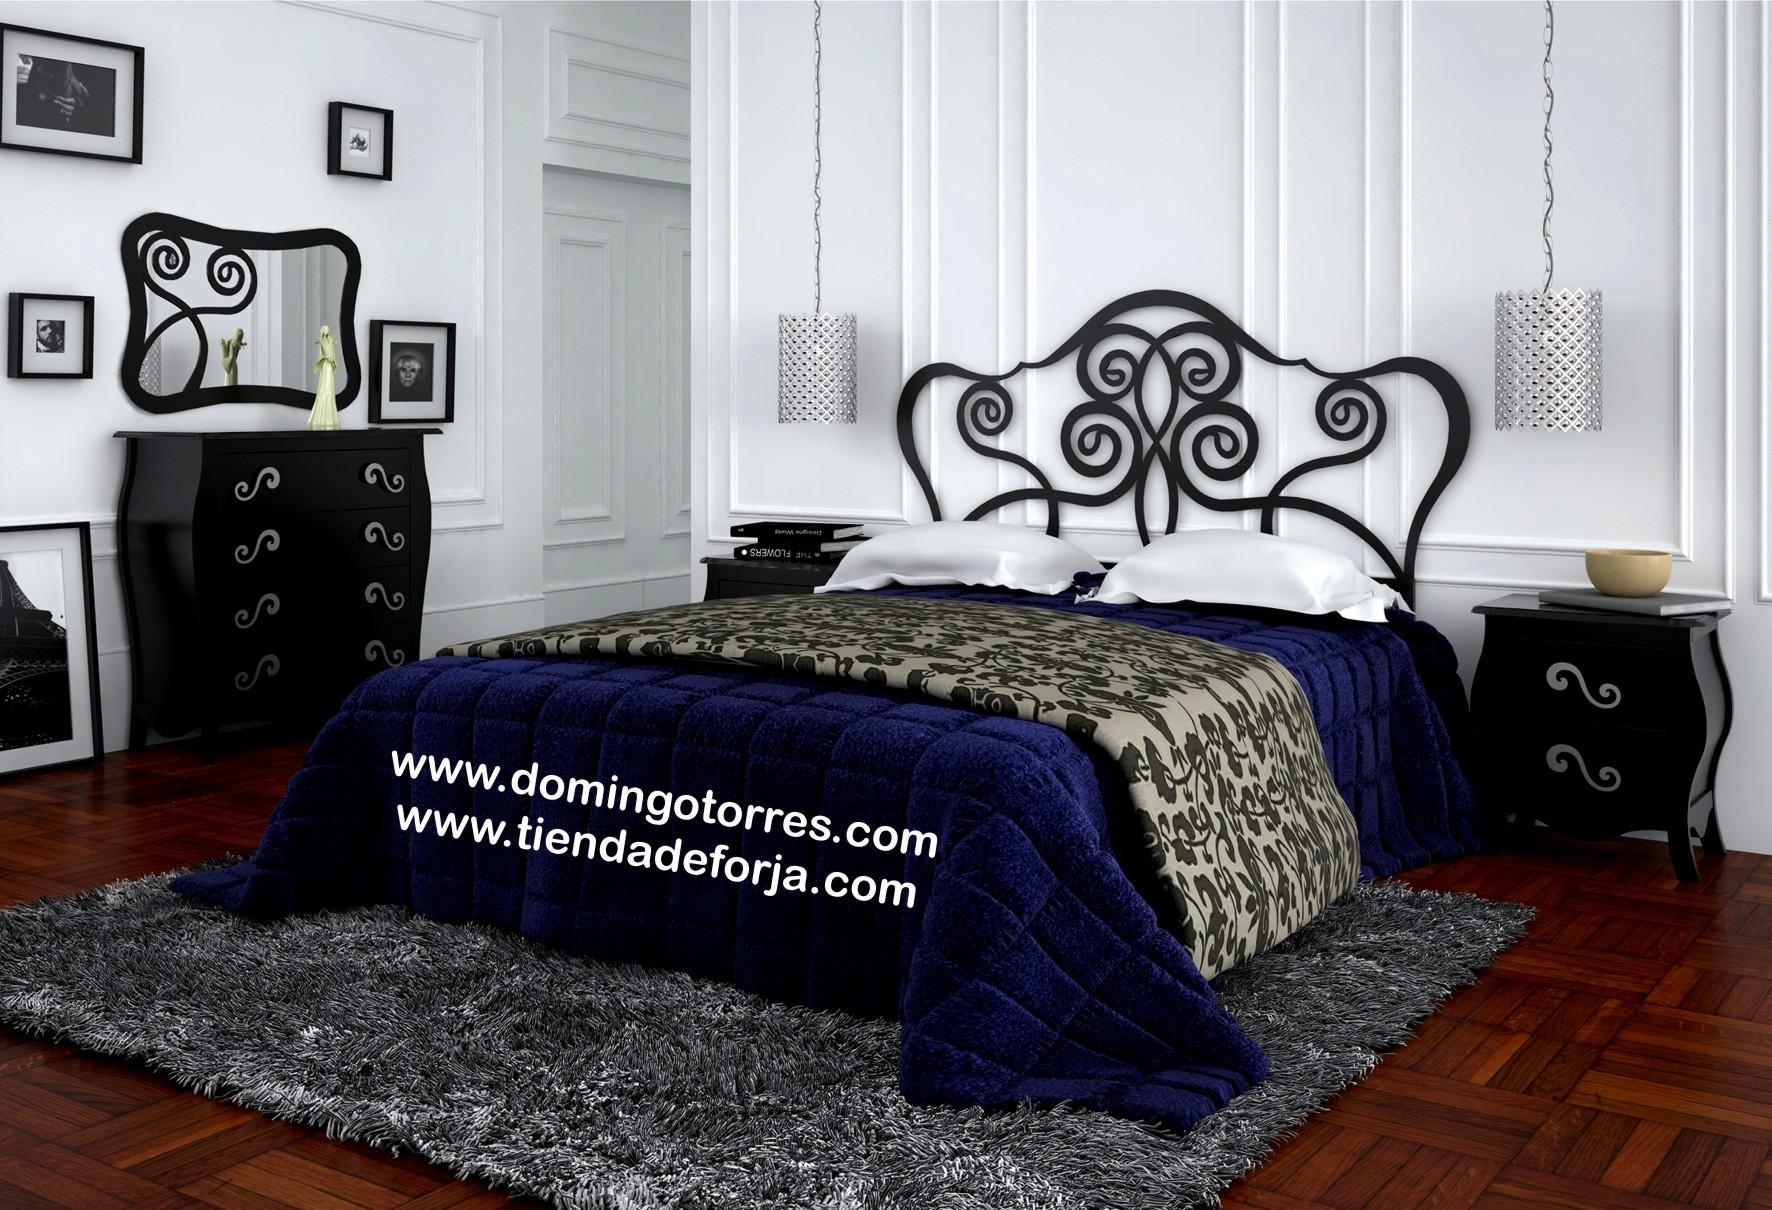 Cabeceros camas stunning cabeceros camas with cabeceros - Cabeceros de forja antiguos ...